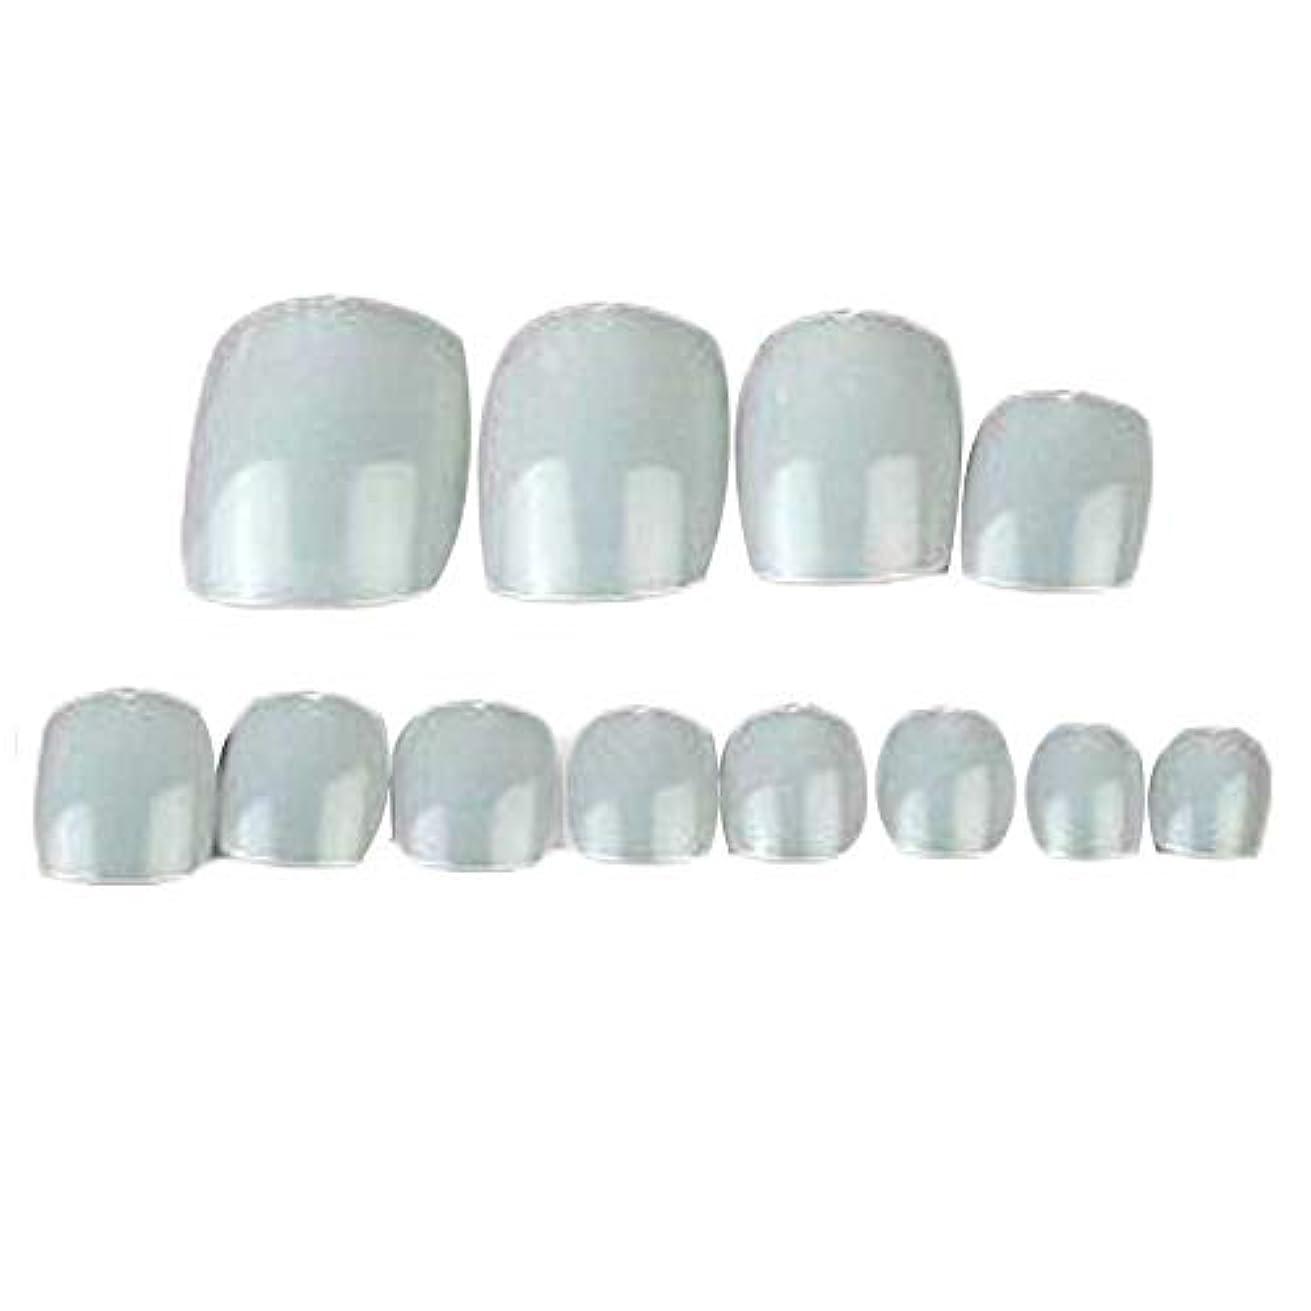 絶縁するサミット襟500個のナチュラルカラー人工爪のヒントフルカバー偽爪